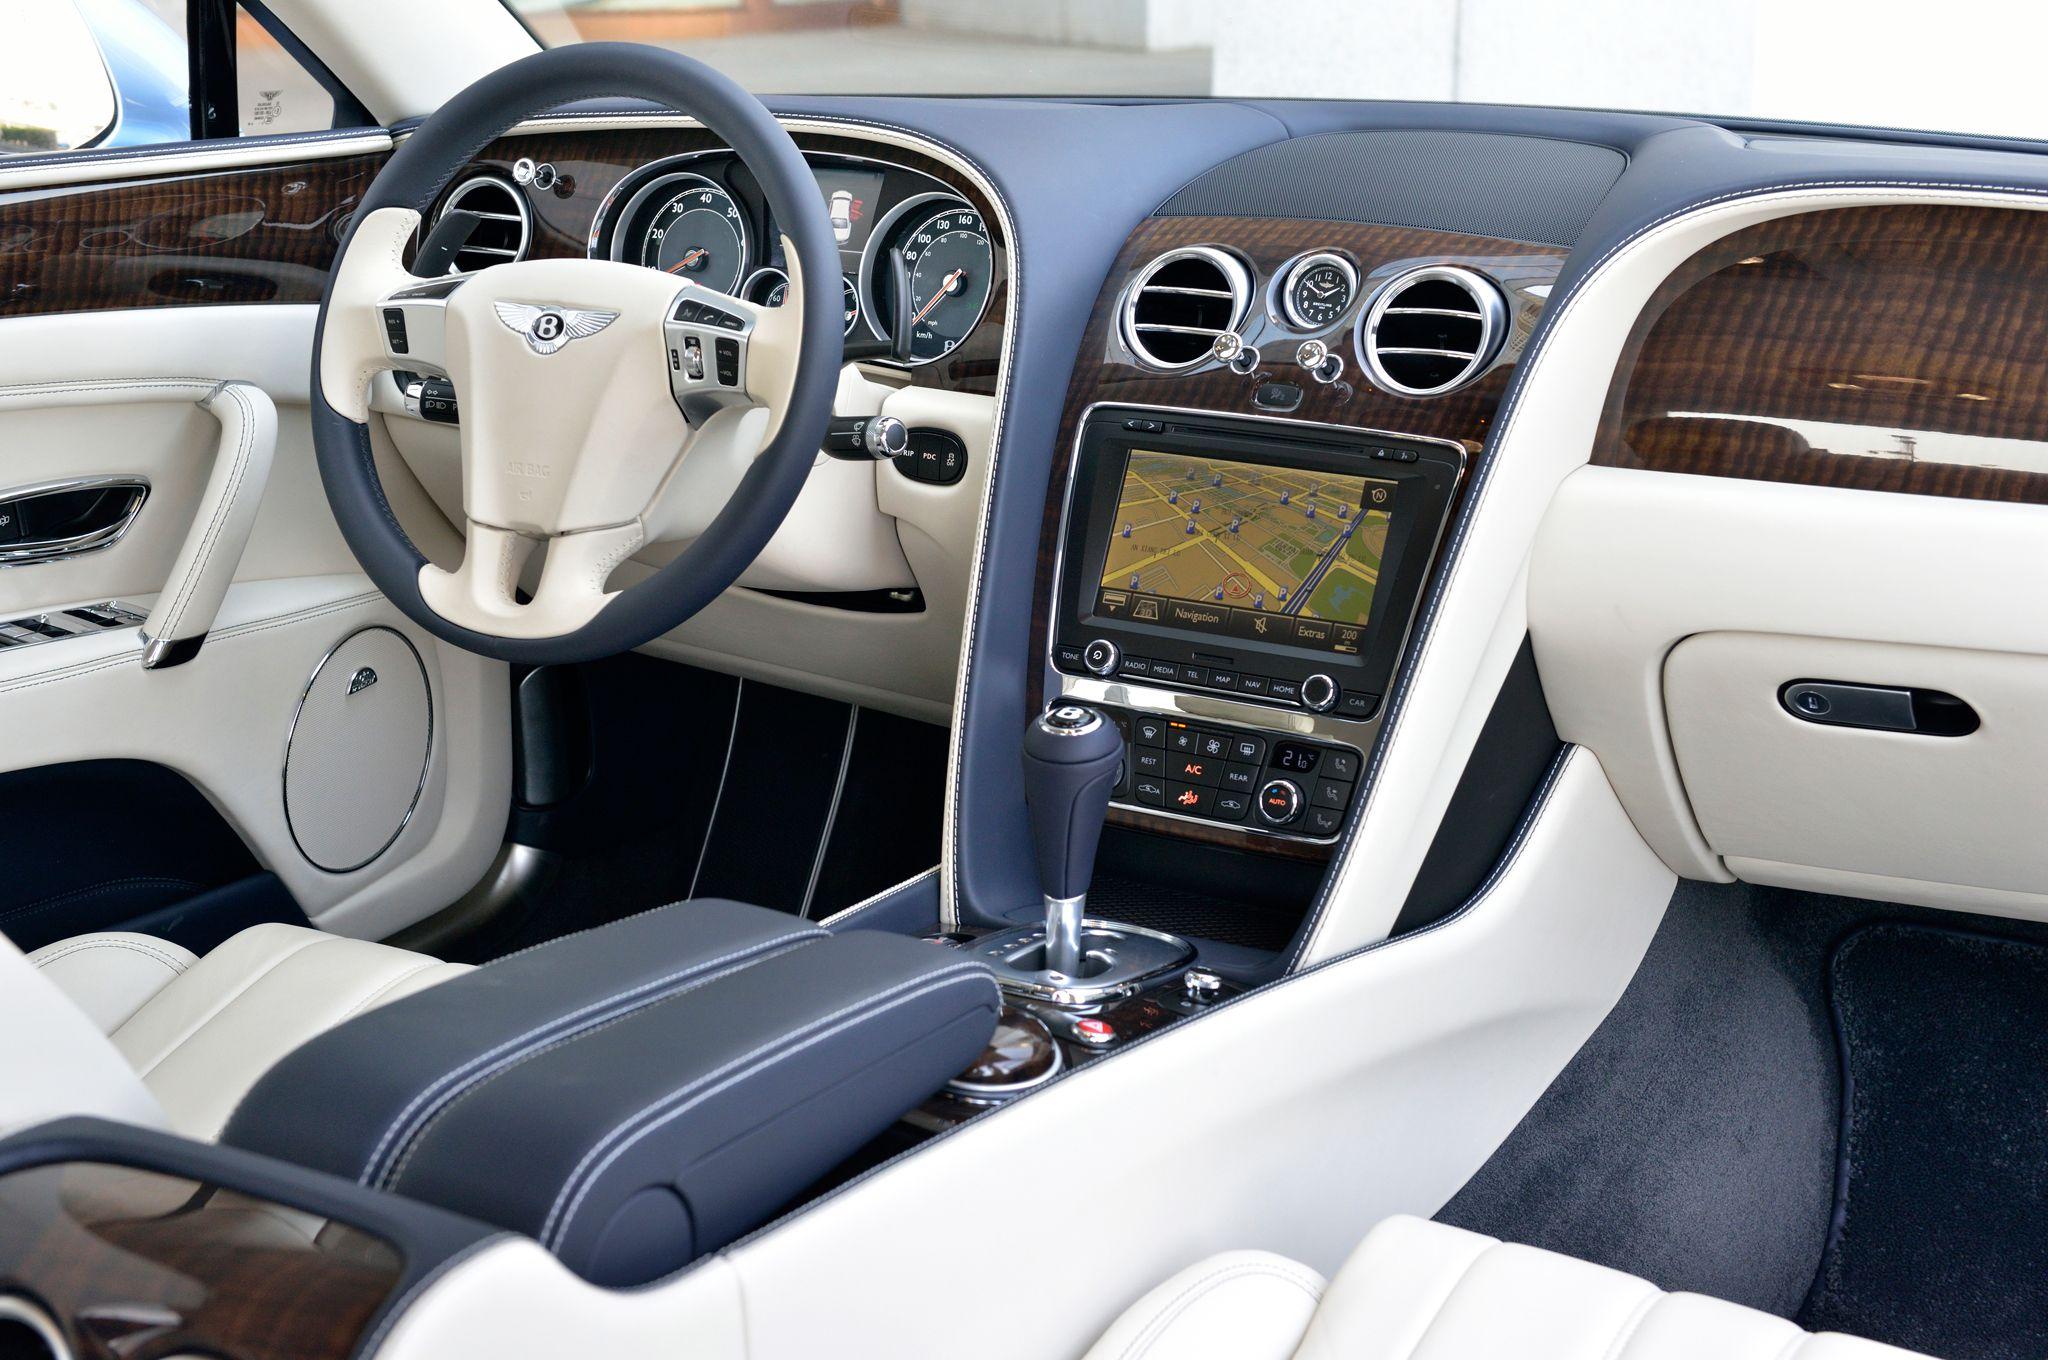 Bentley Interior Pictures 2014 Bentley Flying Spur Interior Photo